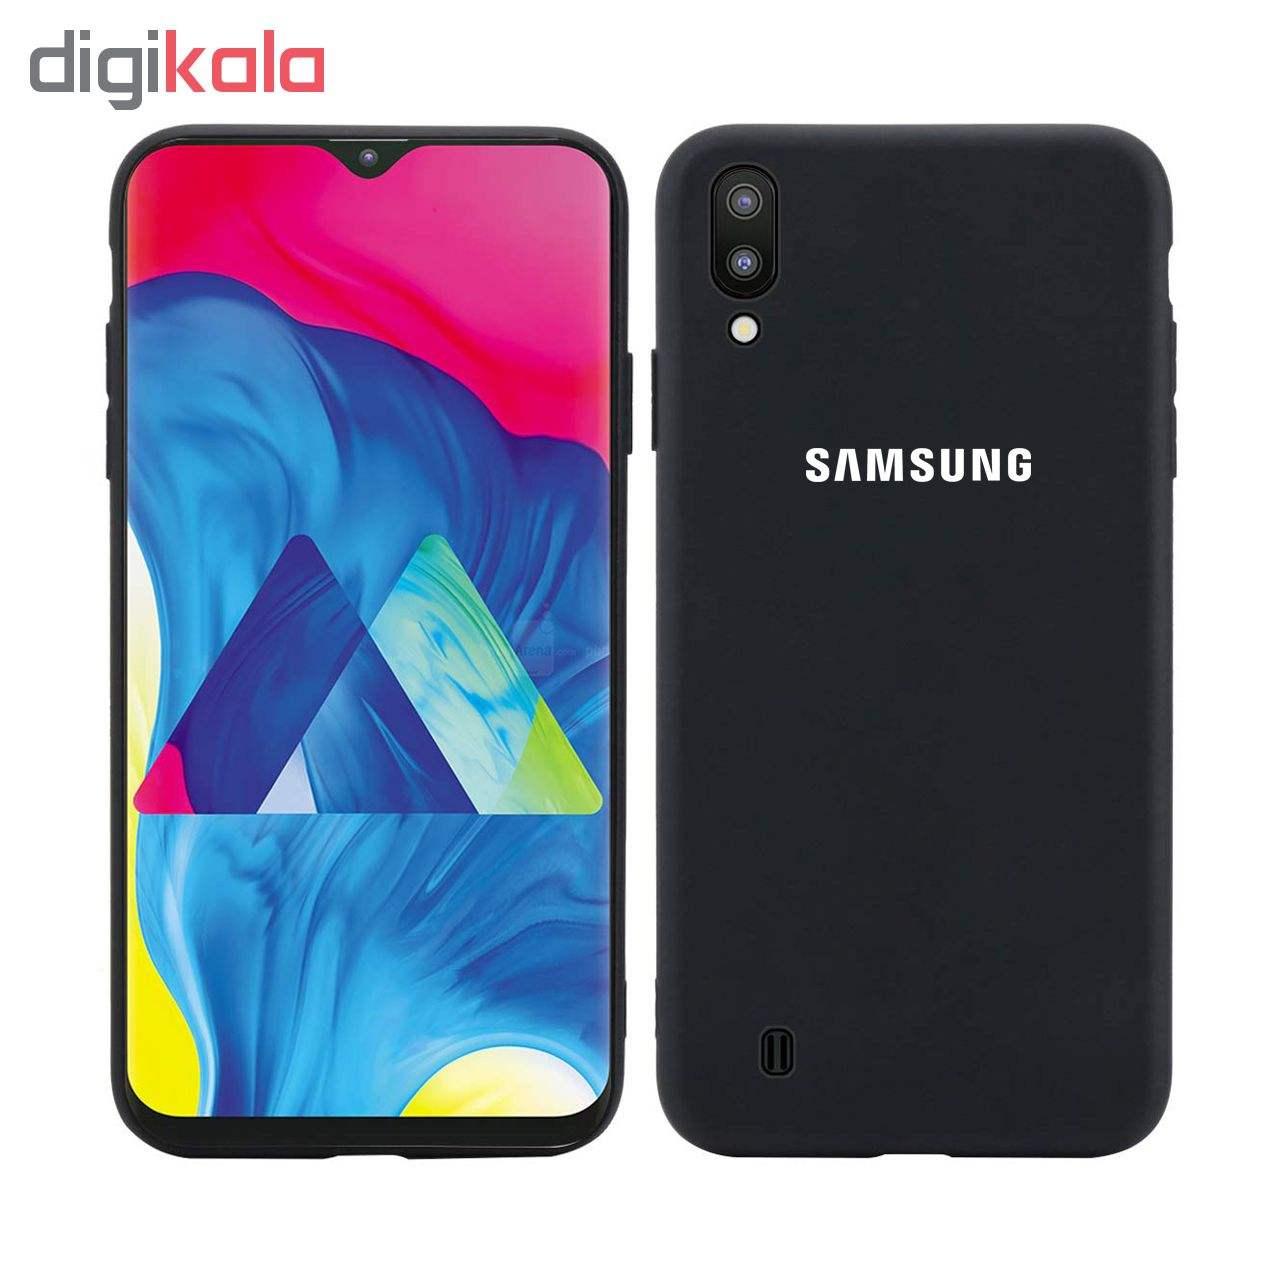 کاور سیلیکونی مدل Silky soft-touch مناسب برای گوشی موبایل سامسونگ Galaxy M10   thumb 1